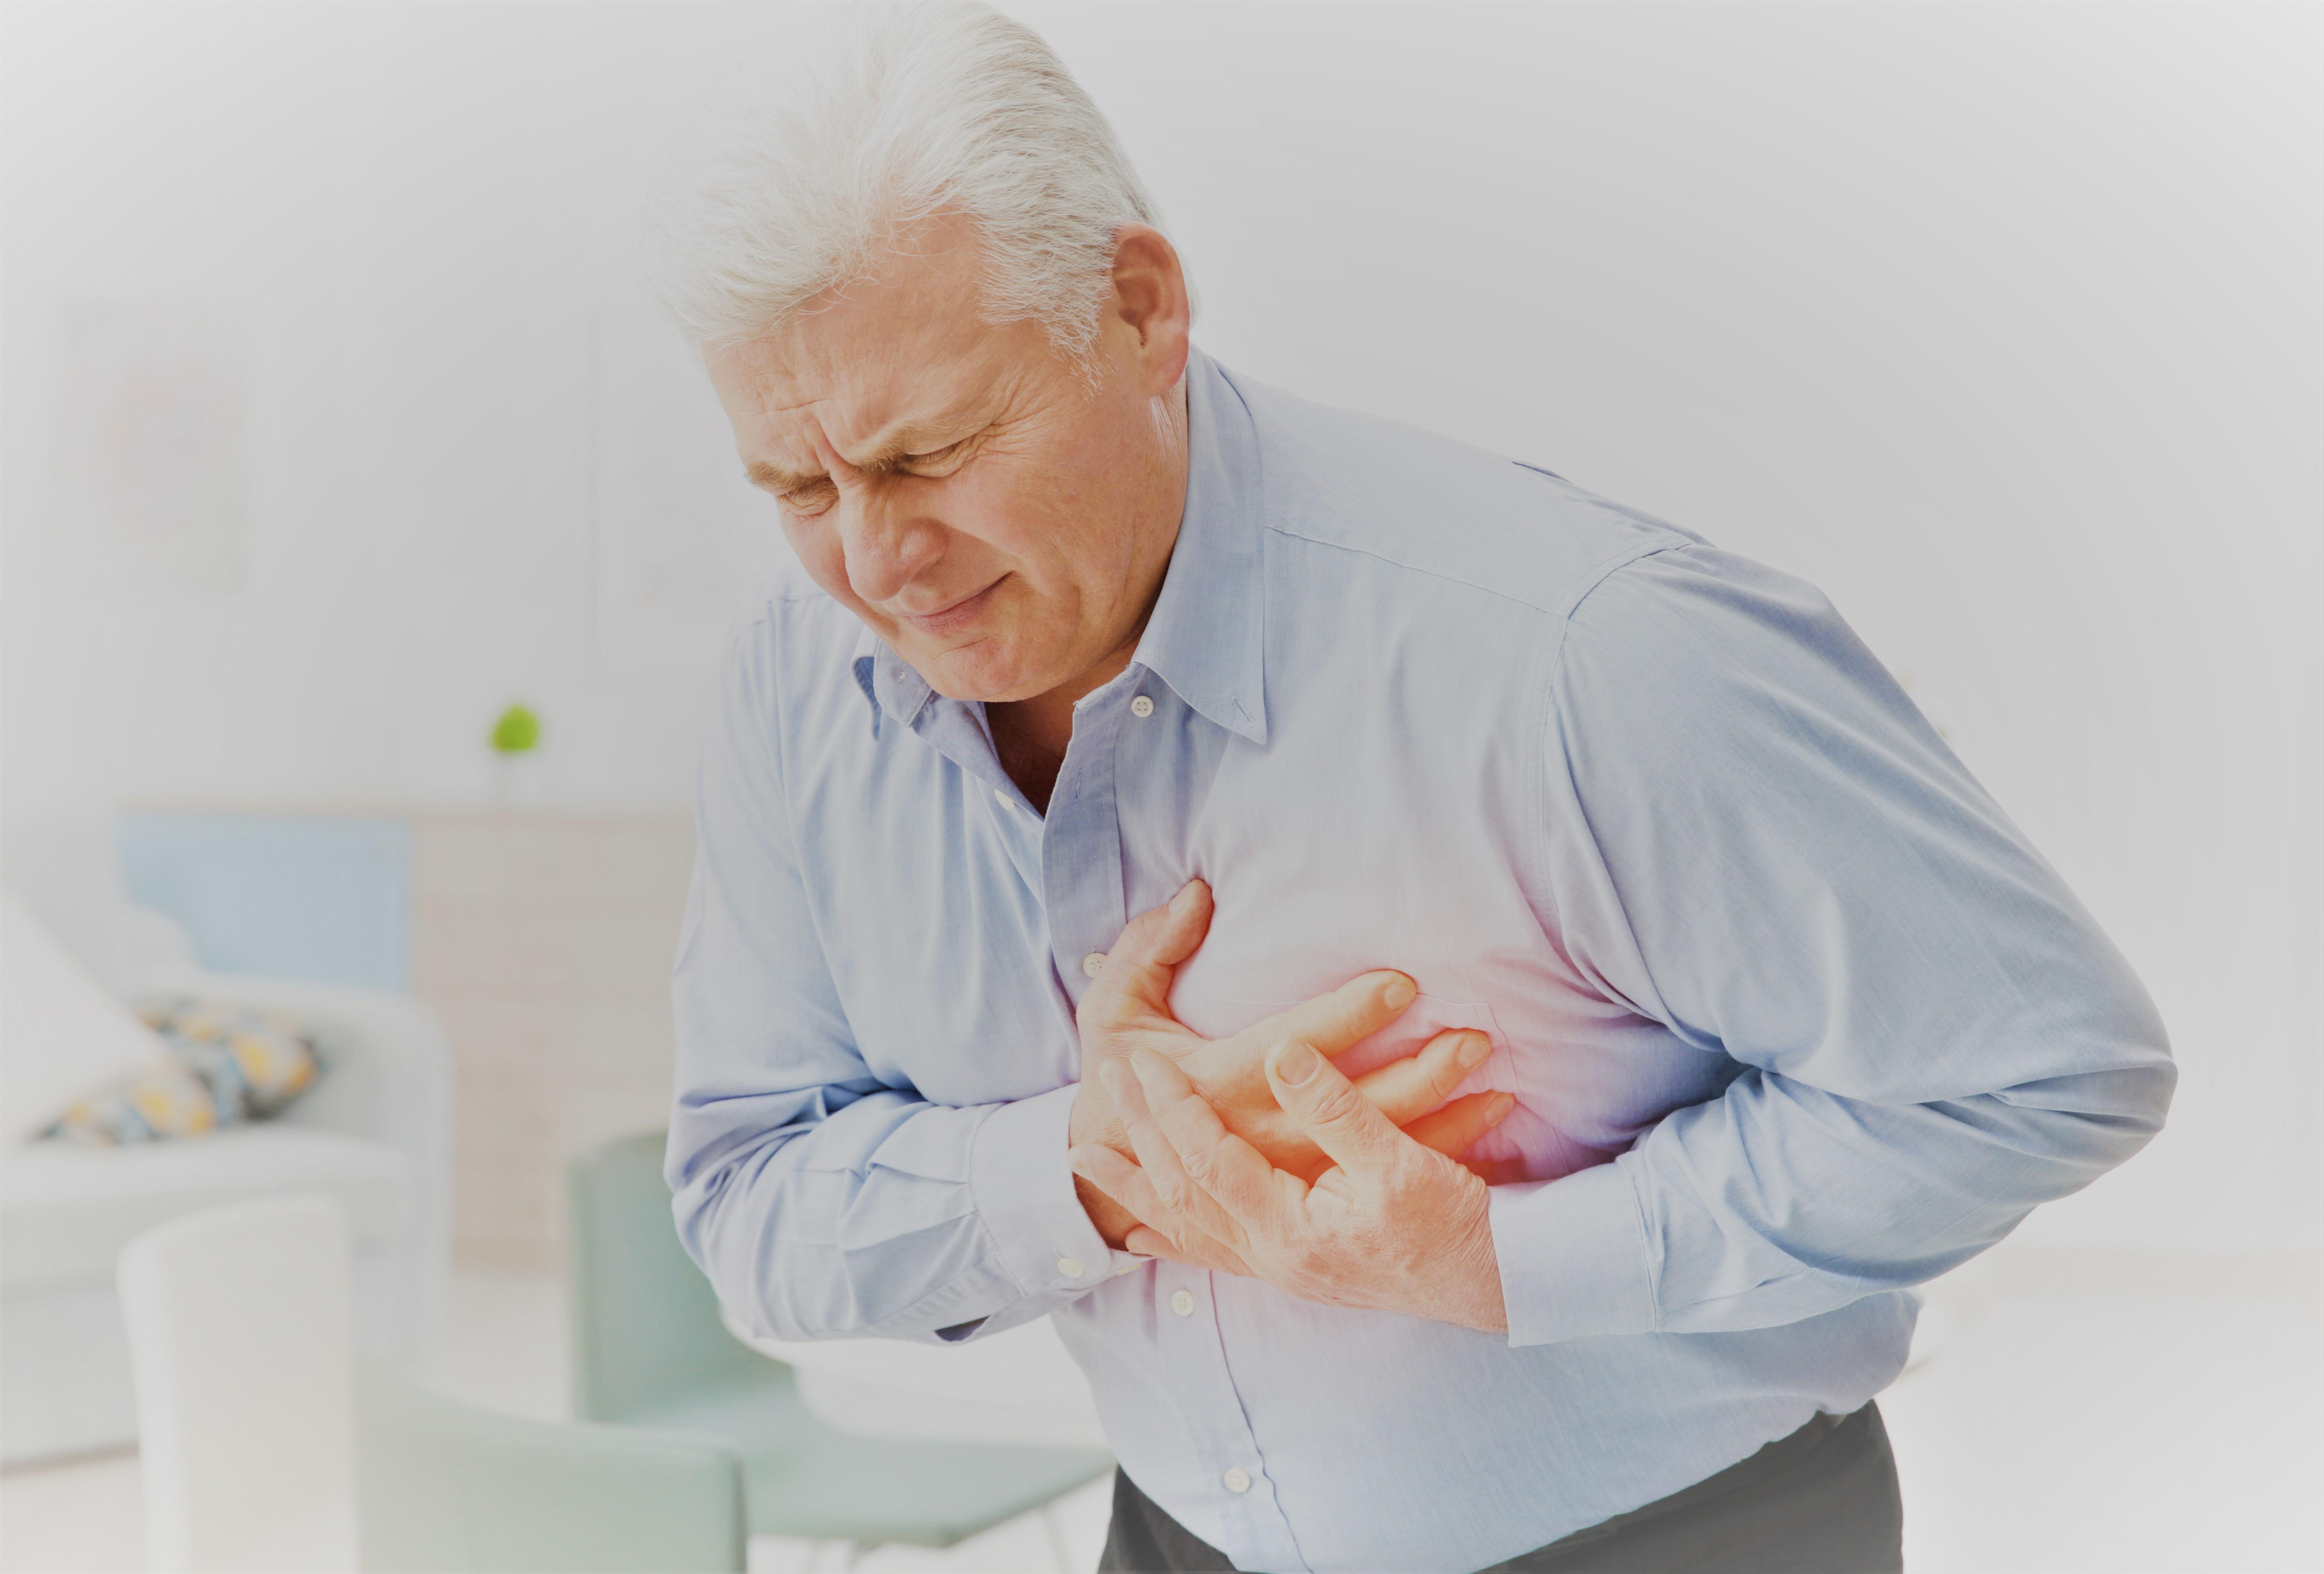 ízületi fájdalom és ízületek merevsége térdízületi tabletták ízületi gyulladása